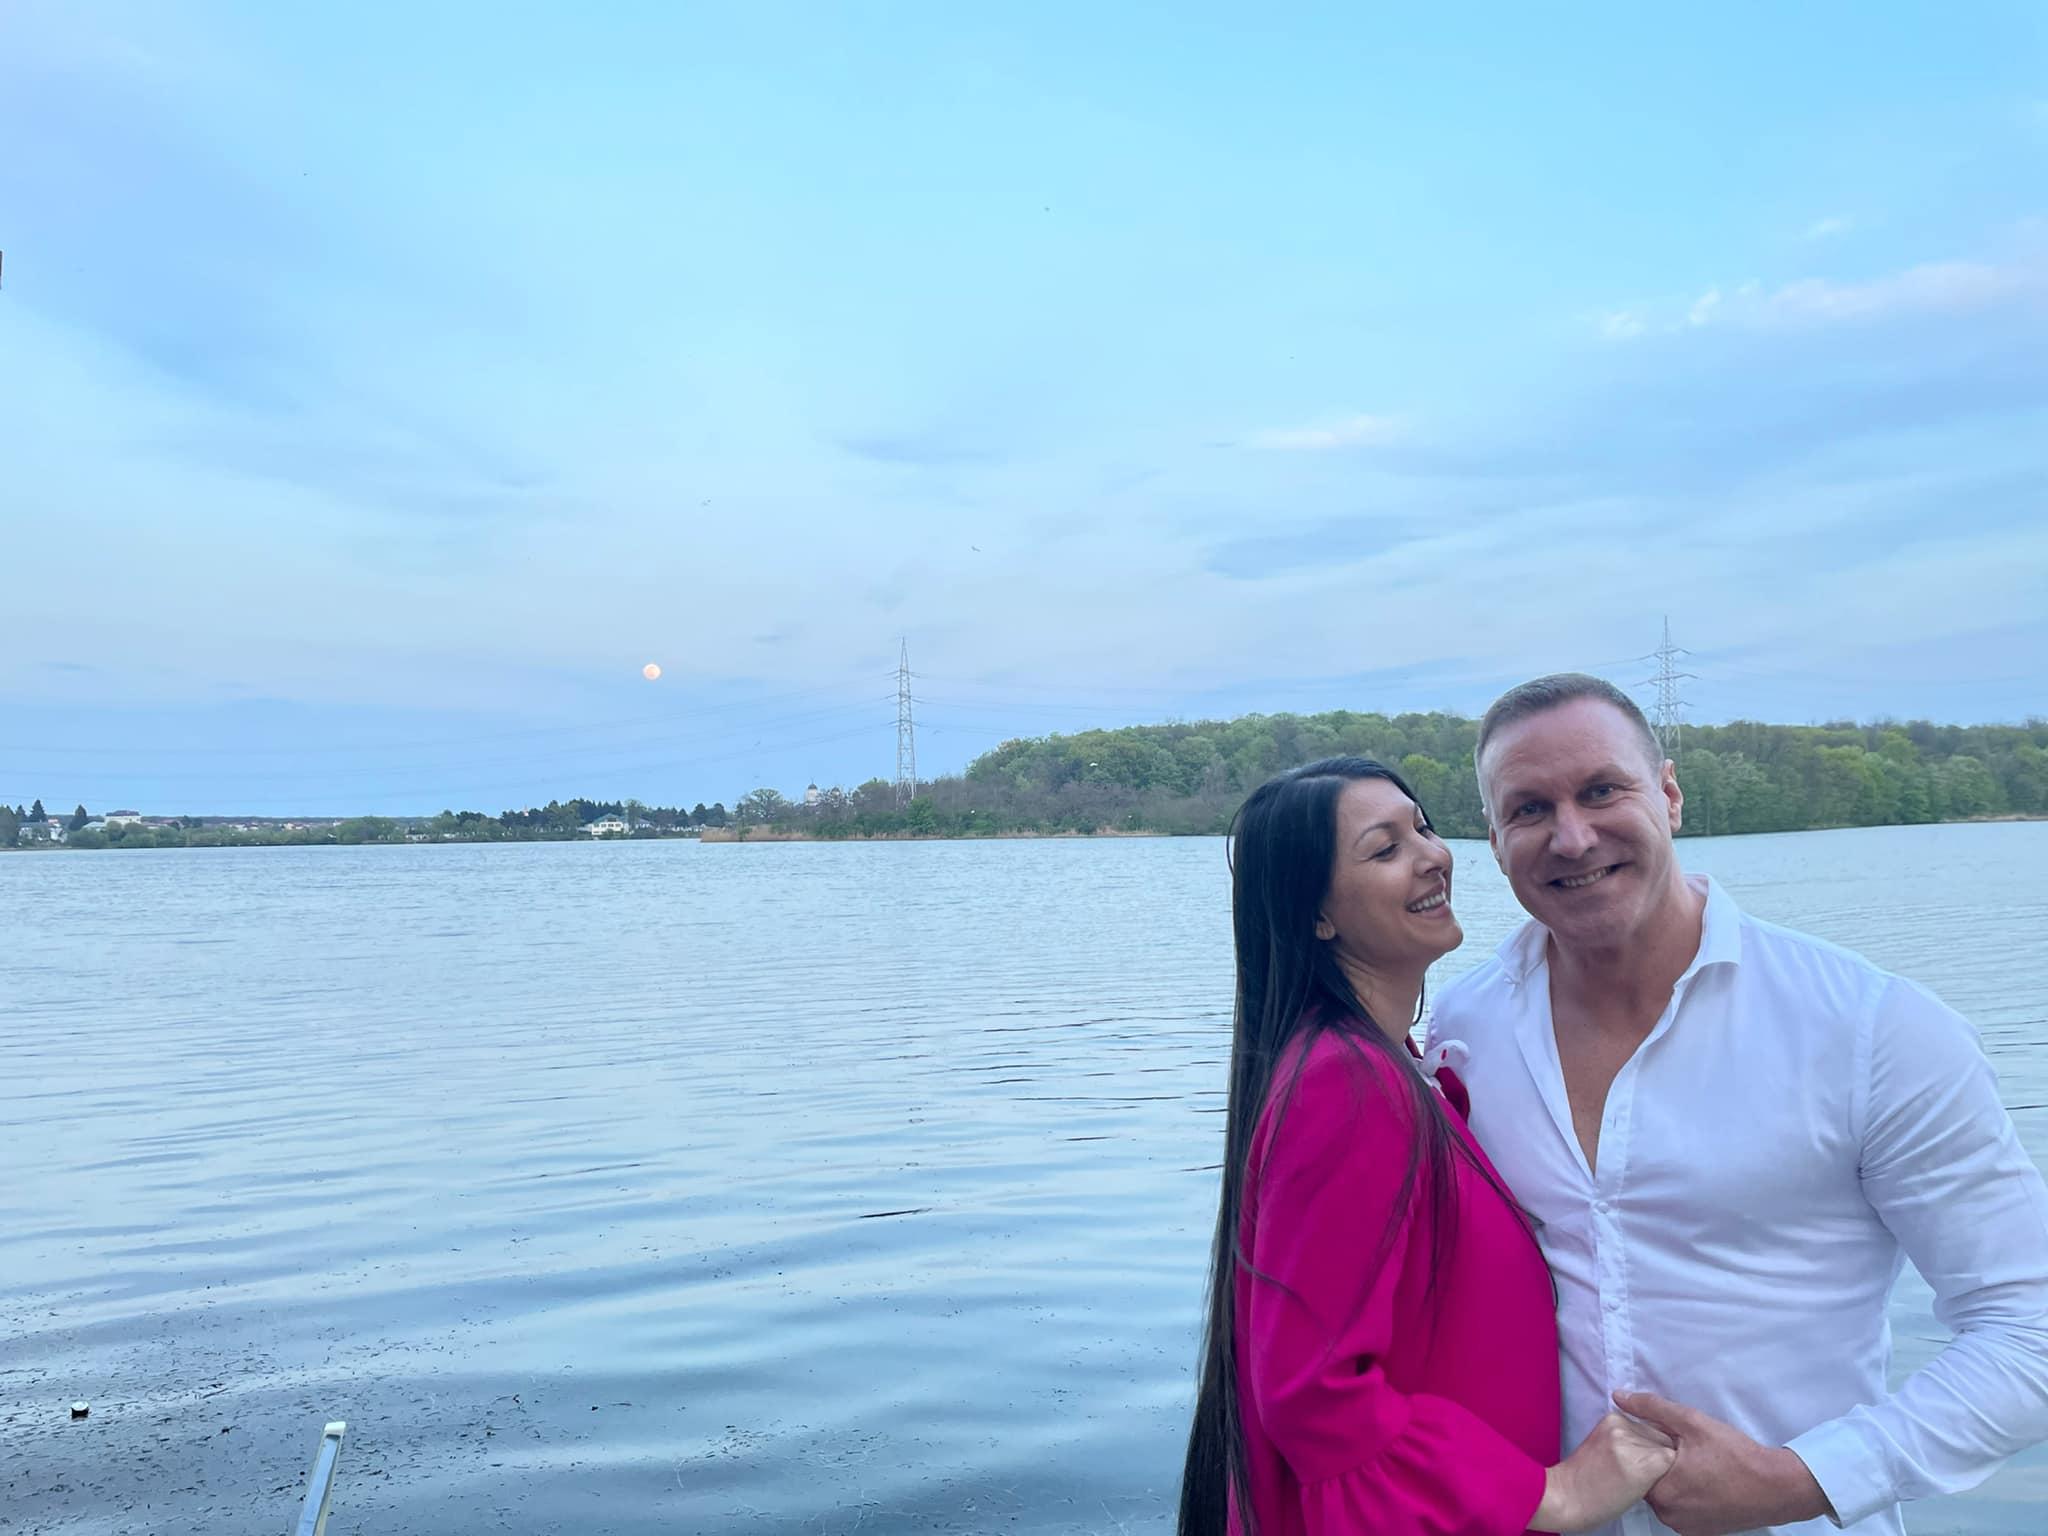 Alin Oprea și Medana trăiesc o frumoasă poveste de dragoste